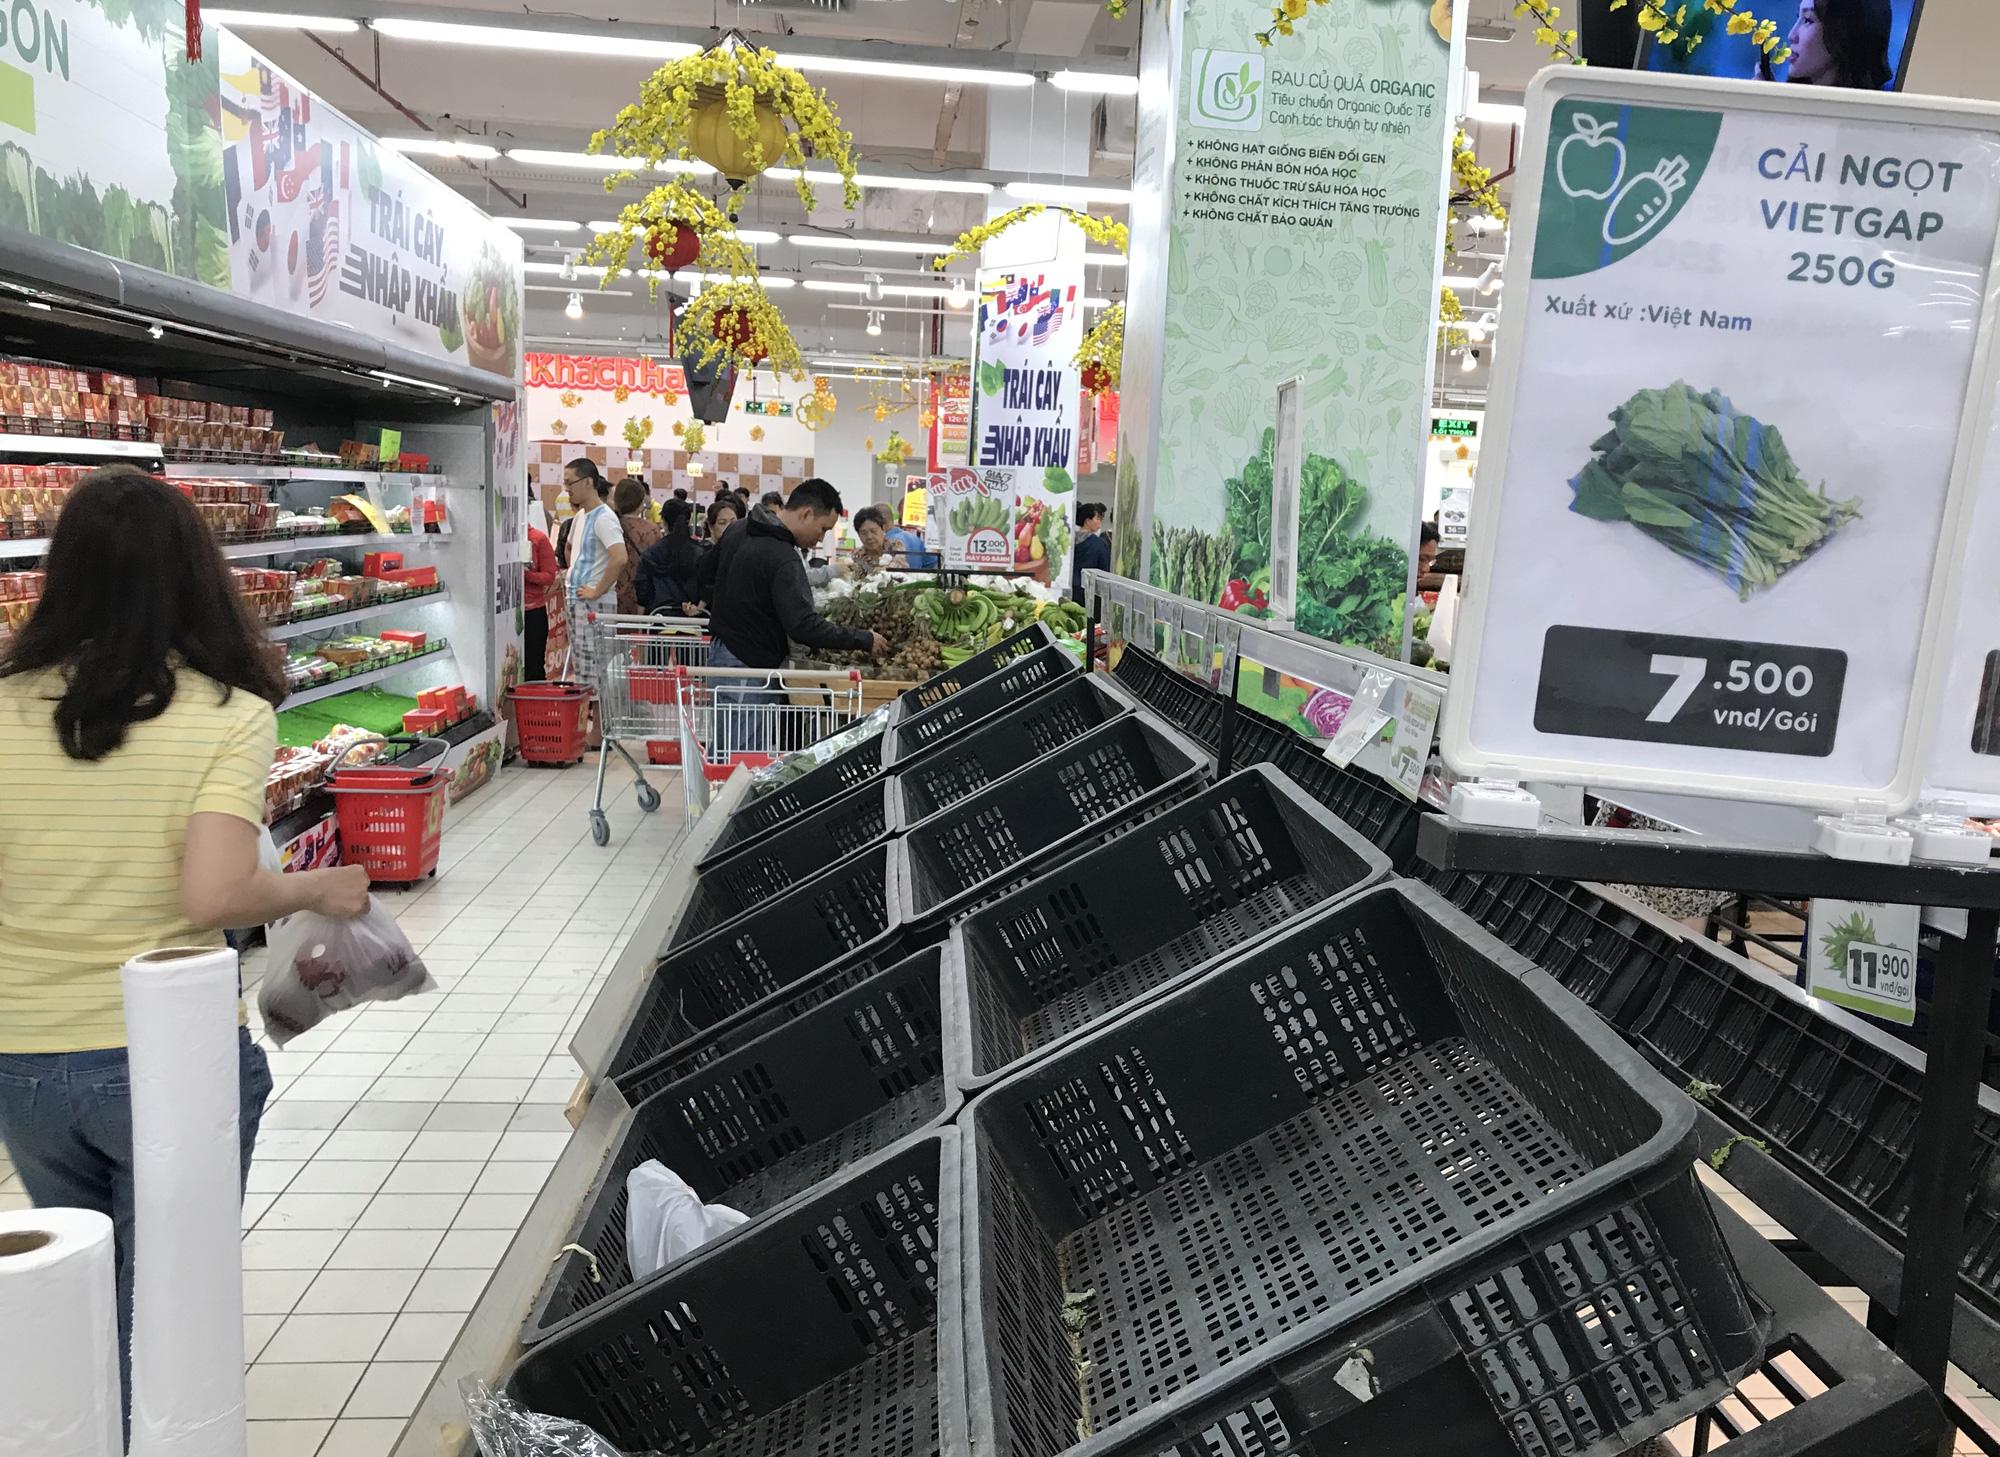 Người Sài Gòn vét siêu thị sáng 30 Tết, rau muống, tía tô, sữa chua, thịt heo đều hết sạch - Ảnh 3.